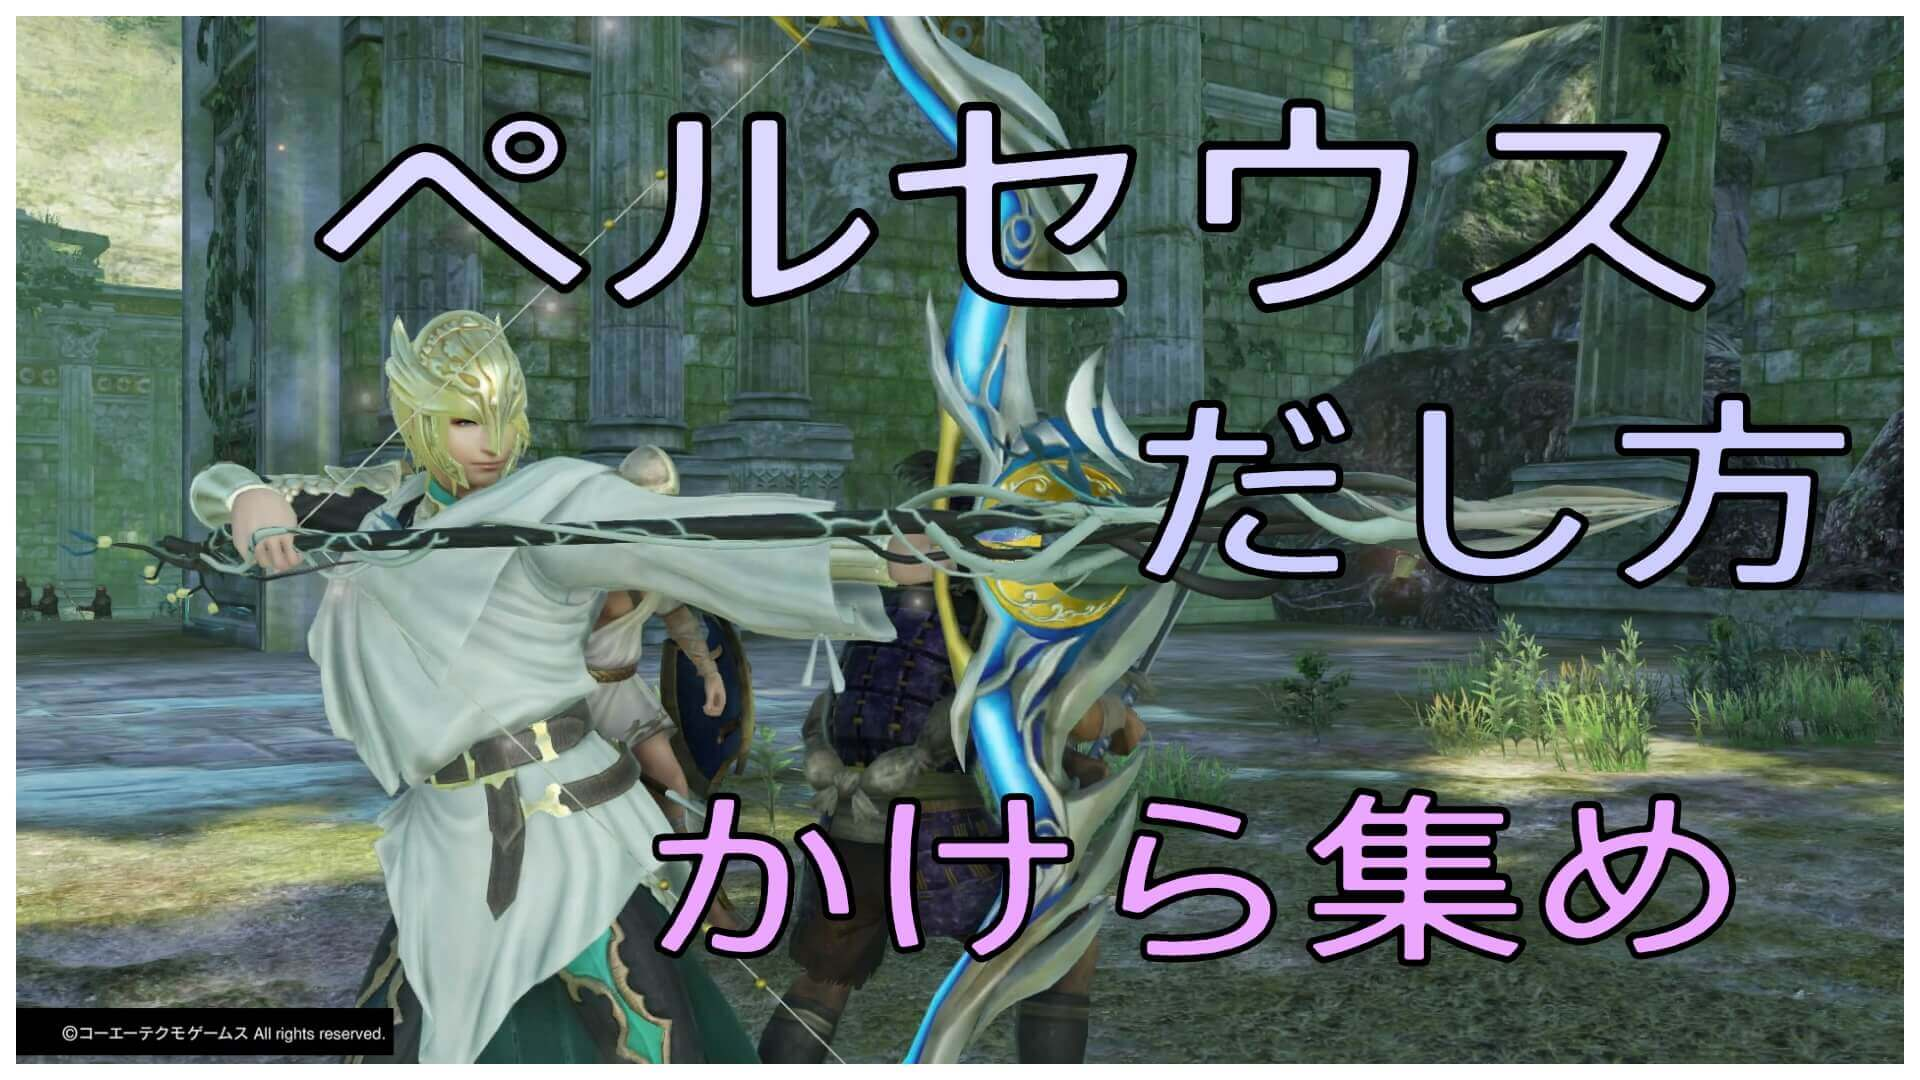 攻略 無双 orochi3 ultimate